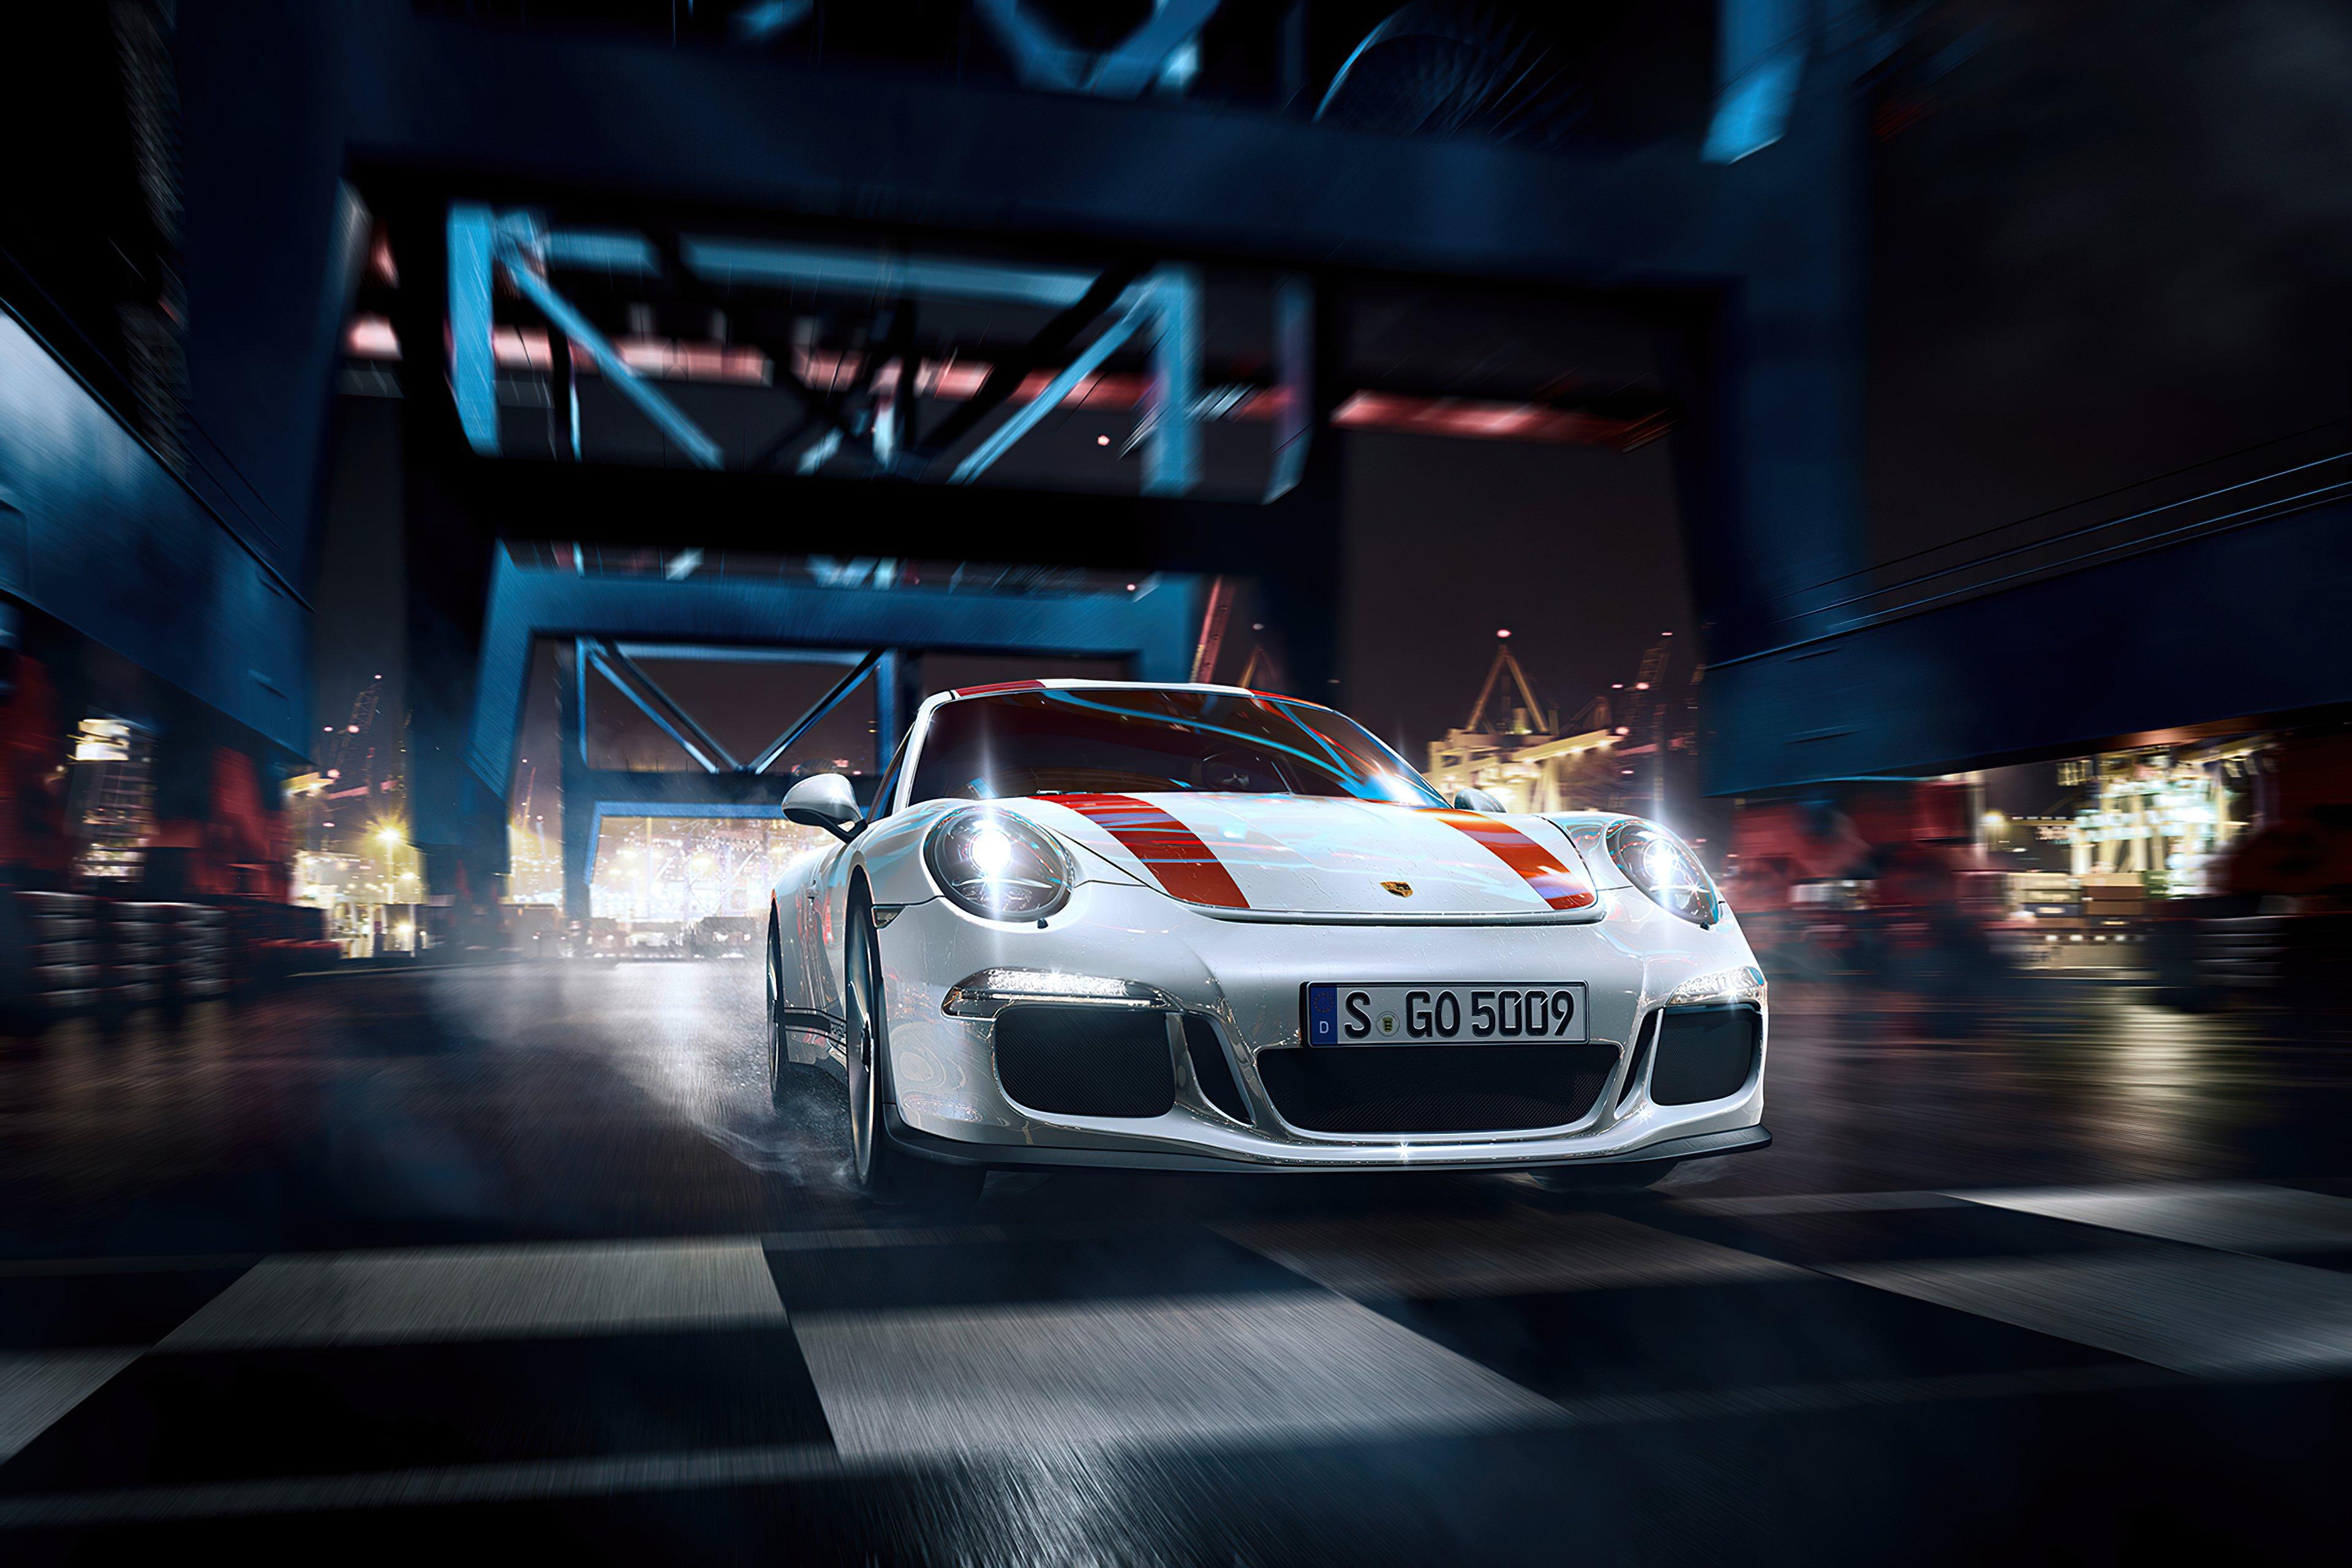 Fondos de pantalla Porsche blanco